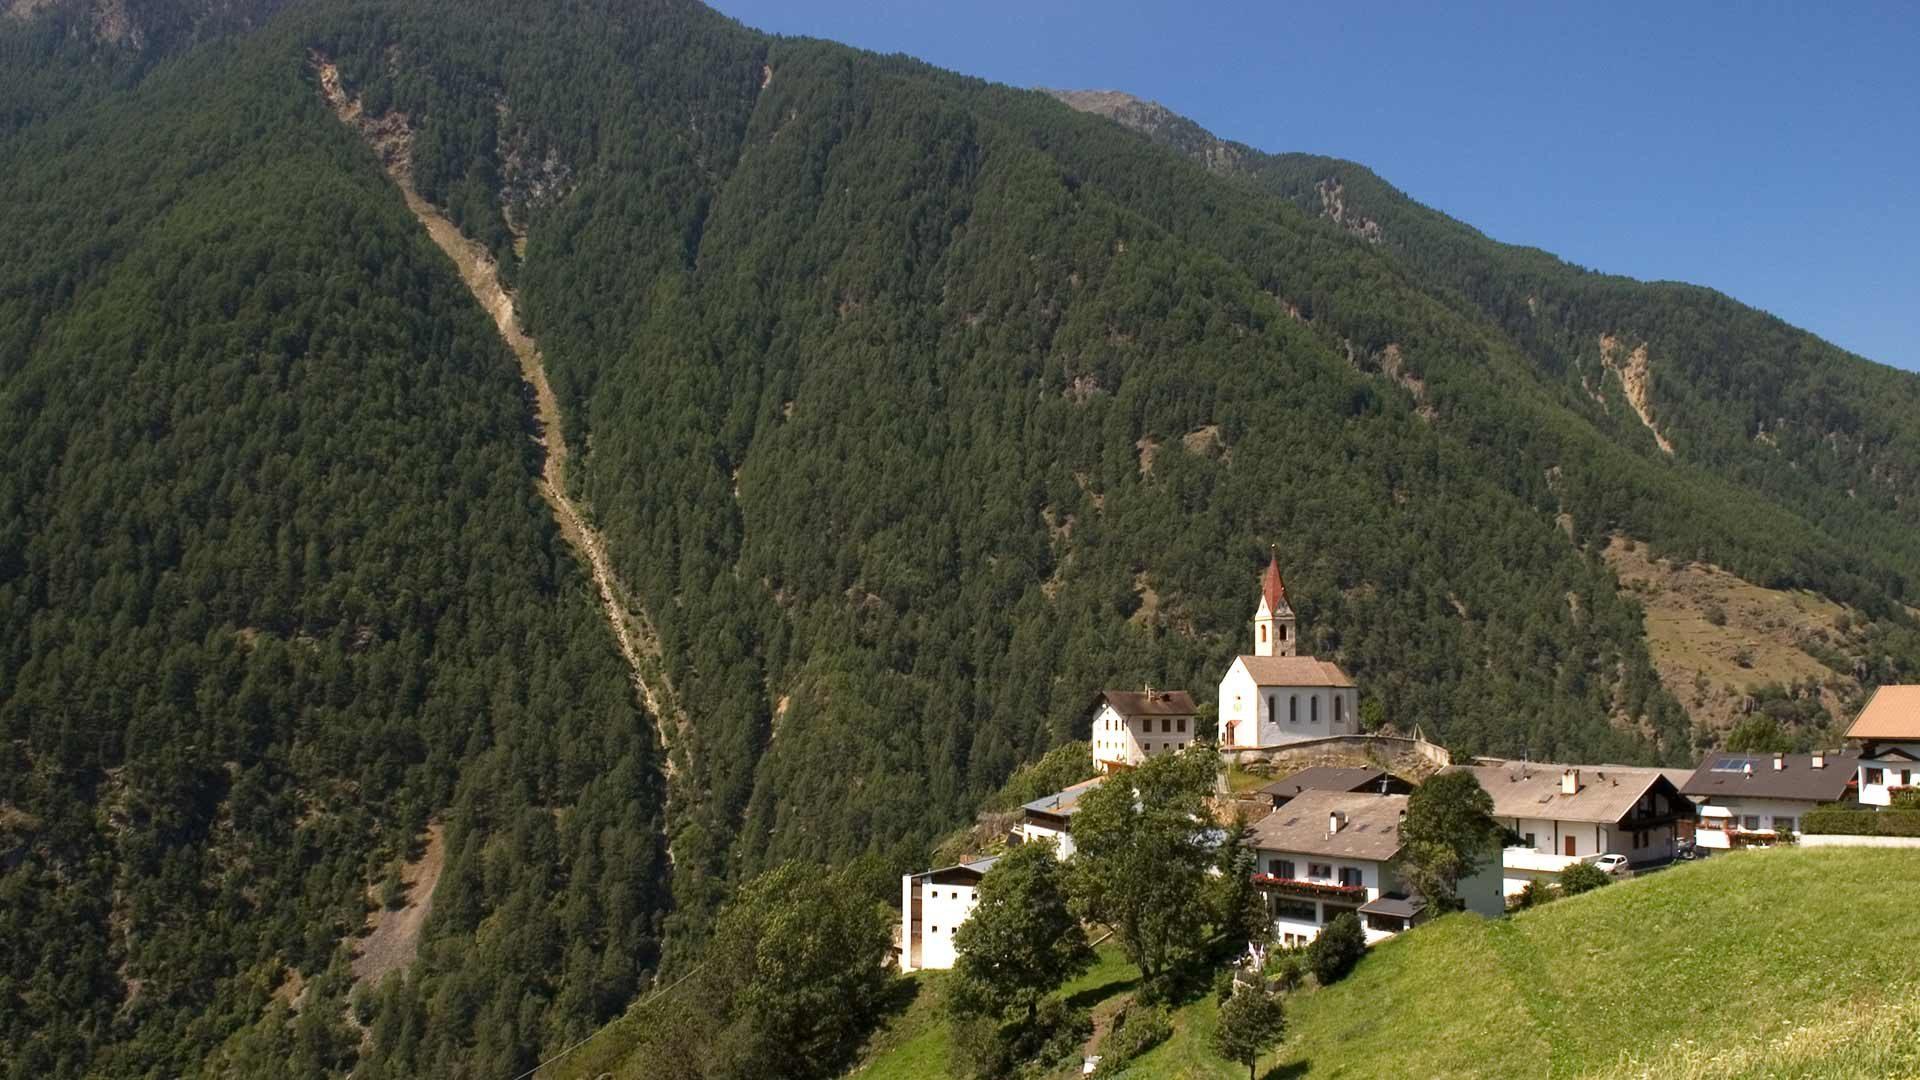 Schnalstal - Blick zur Kirche